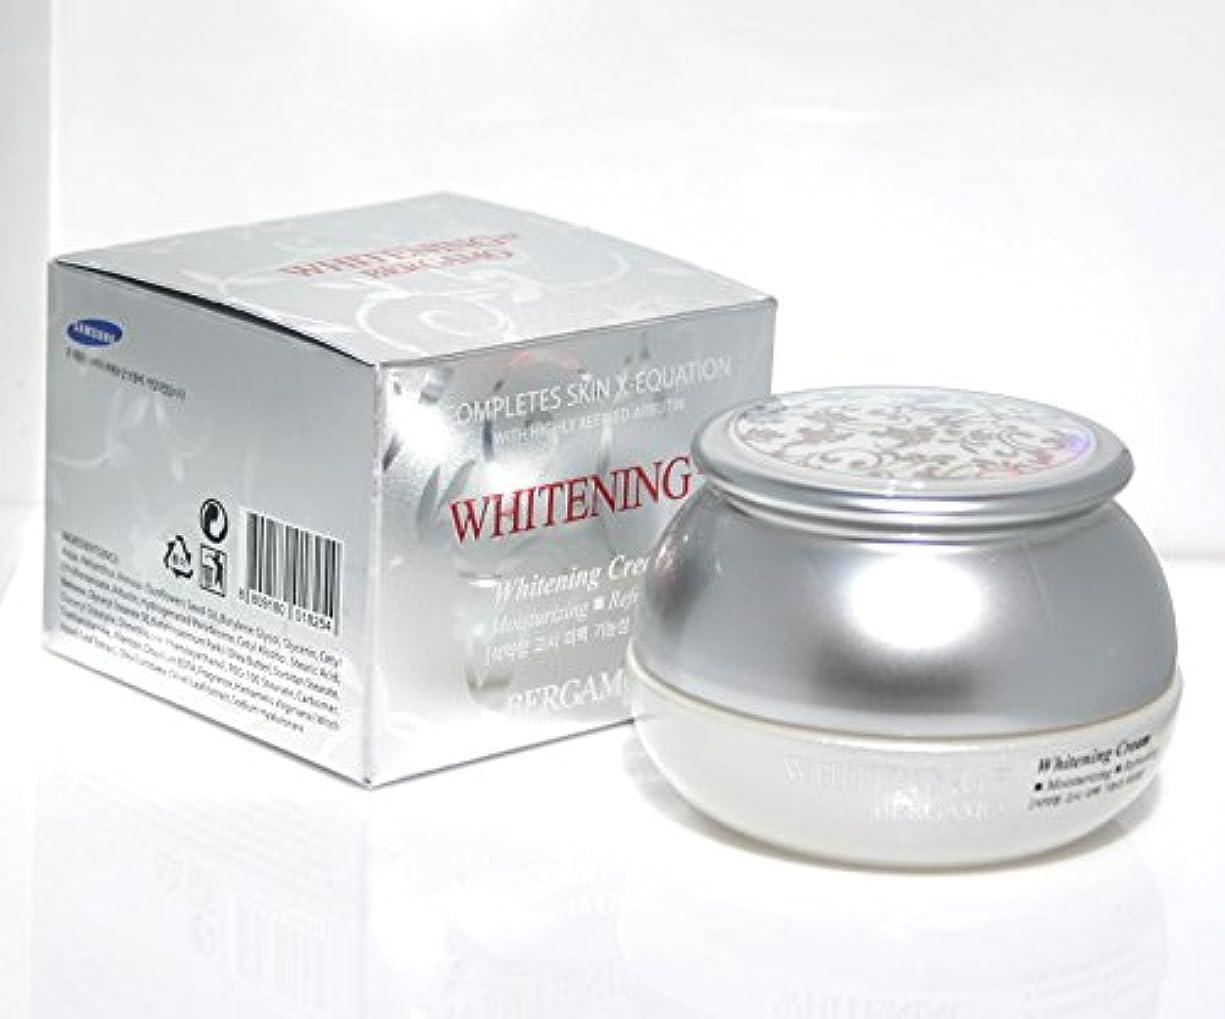 バイアスシーサイドぬいぐるみ【ベルガモ][Bergamo]  は、高度に精製アルブチンホワイトニング例クリーム50g /  Completes Skin X-equation with Highly Refined Albutin Whitening...